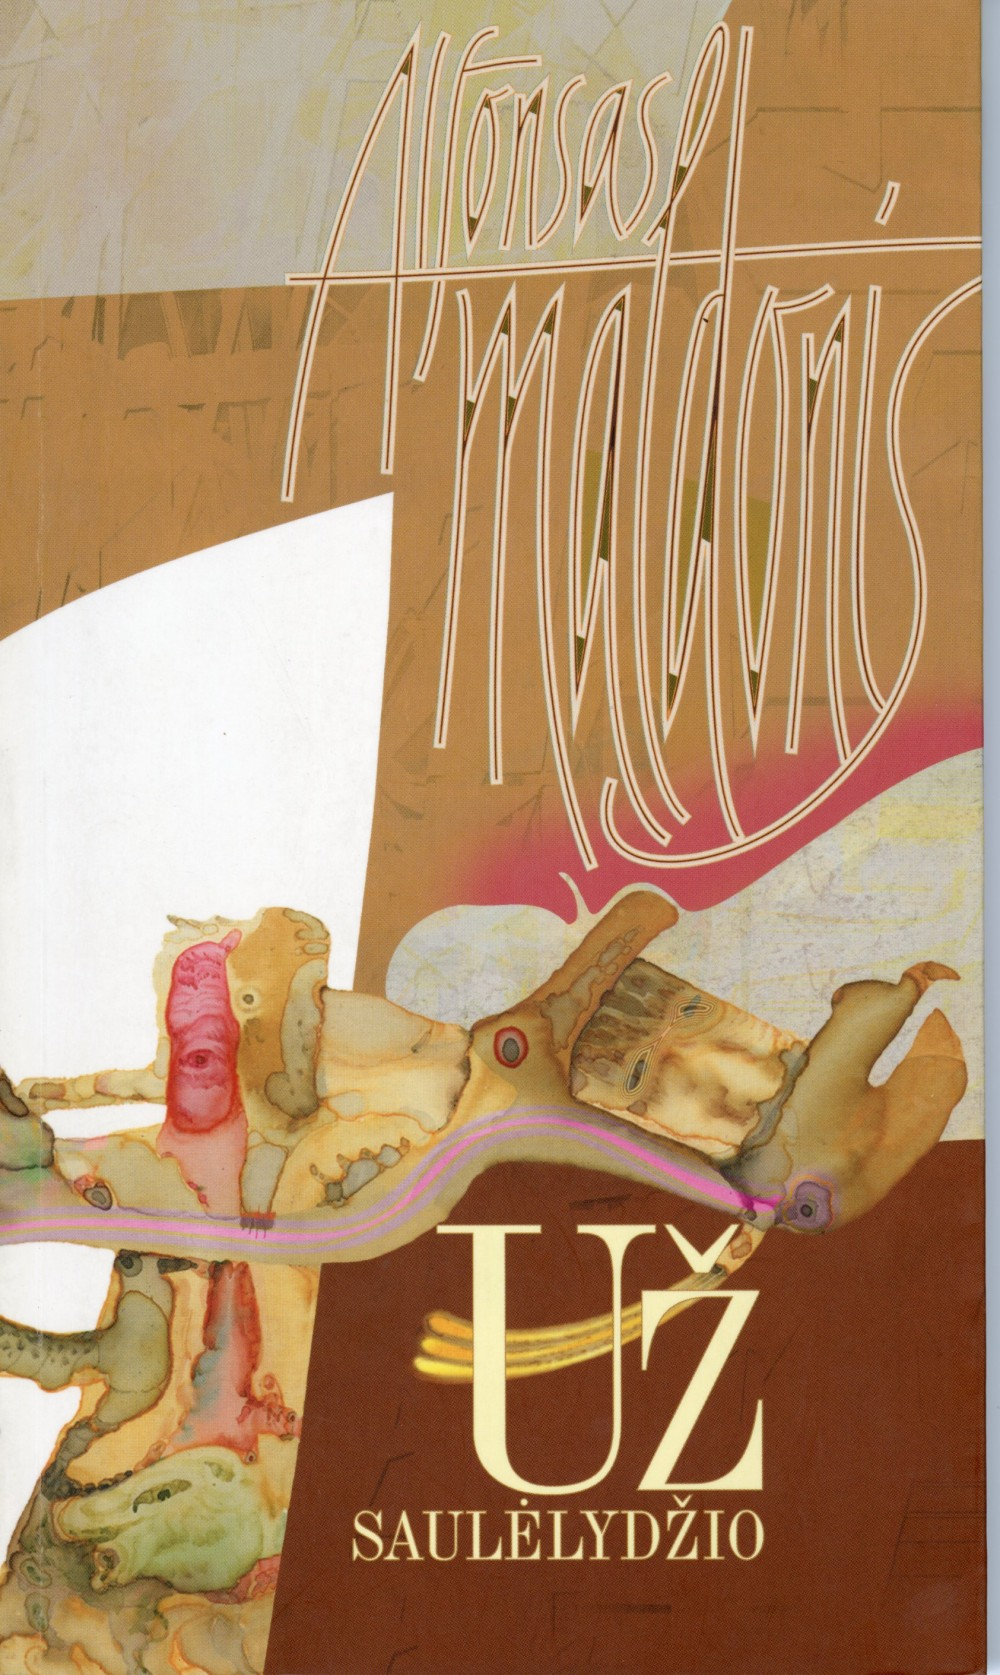 Paskutinė poeto A. Maldonio parengta knyga, kurios jis nebepamatė